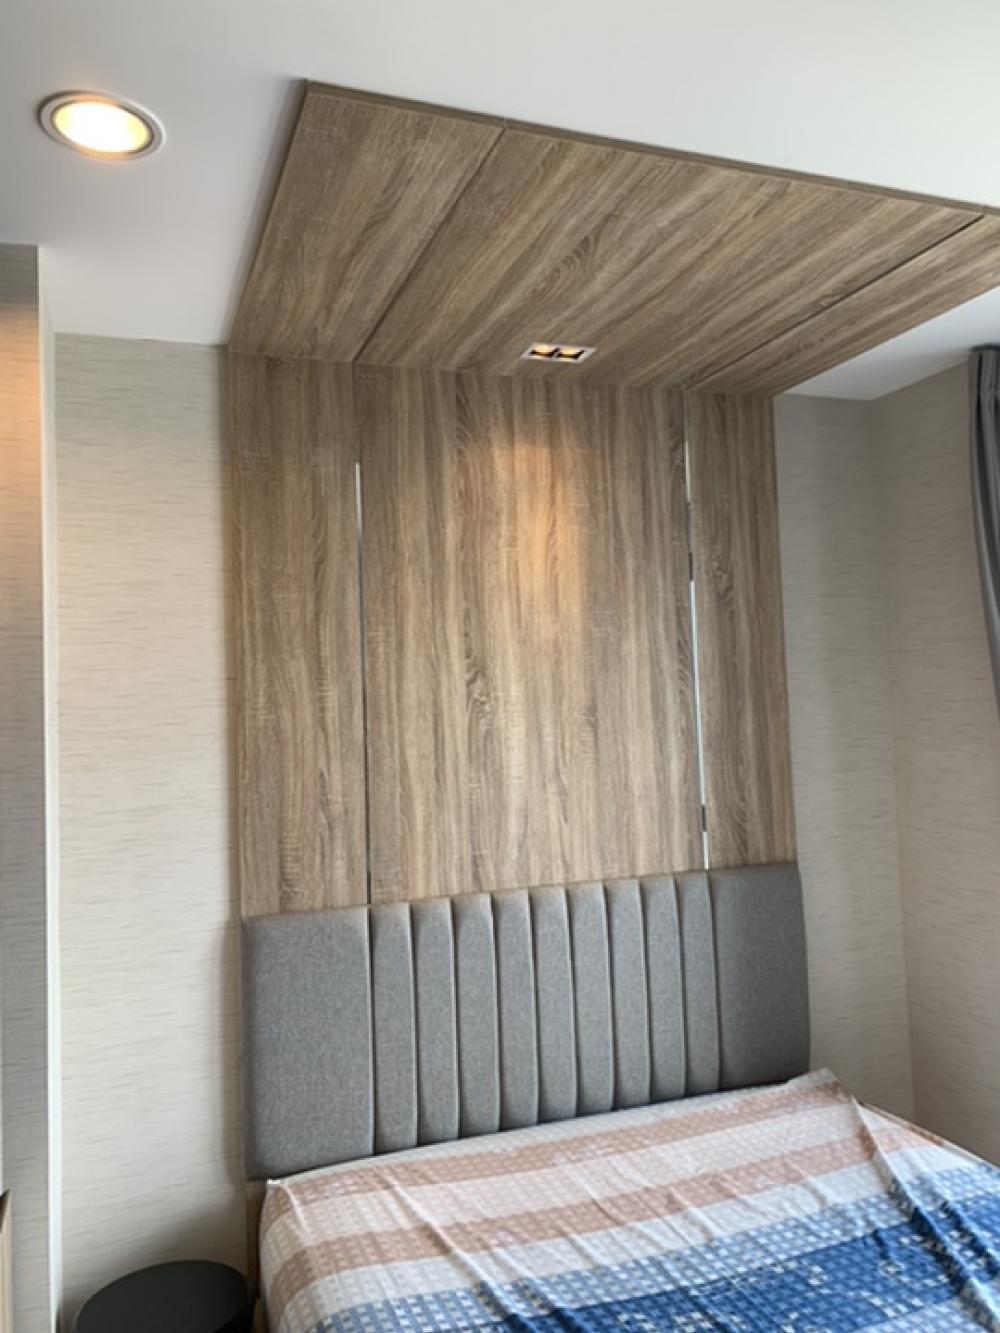 For RentCondoRatchathewi,Phayathai : ห้องสวย เฟอร์ครบ มีเครื่องซักผ้า กับราคาที่ท้าCo-Vid⚡️⚡️⚡️